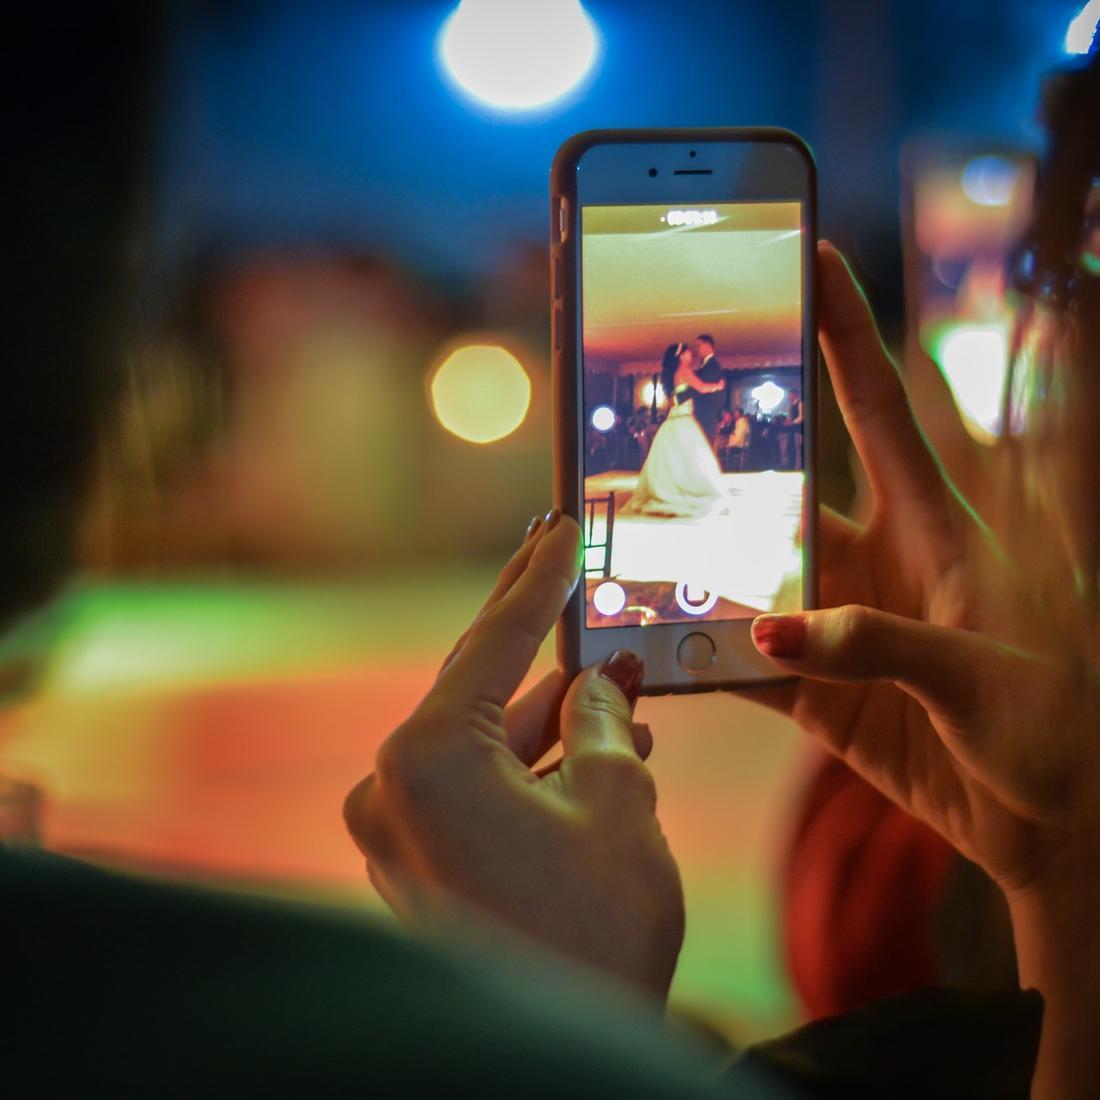 Videos In 4k Mit 60 Fps Am Iphone Xs Aufnehmen So Gehts